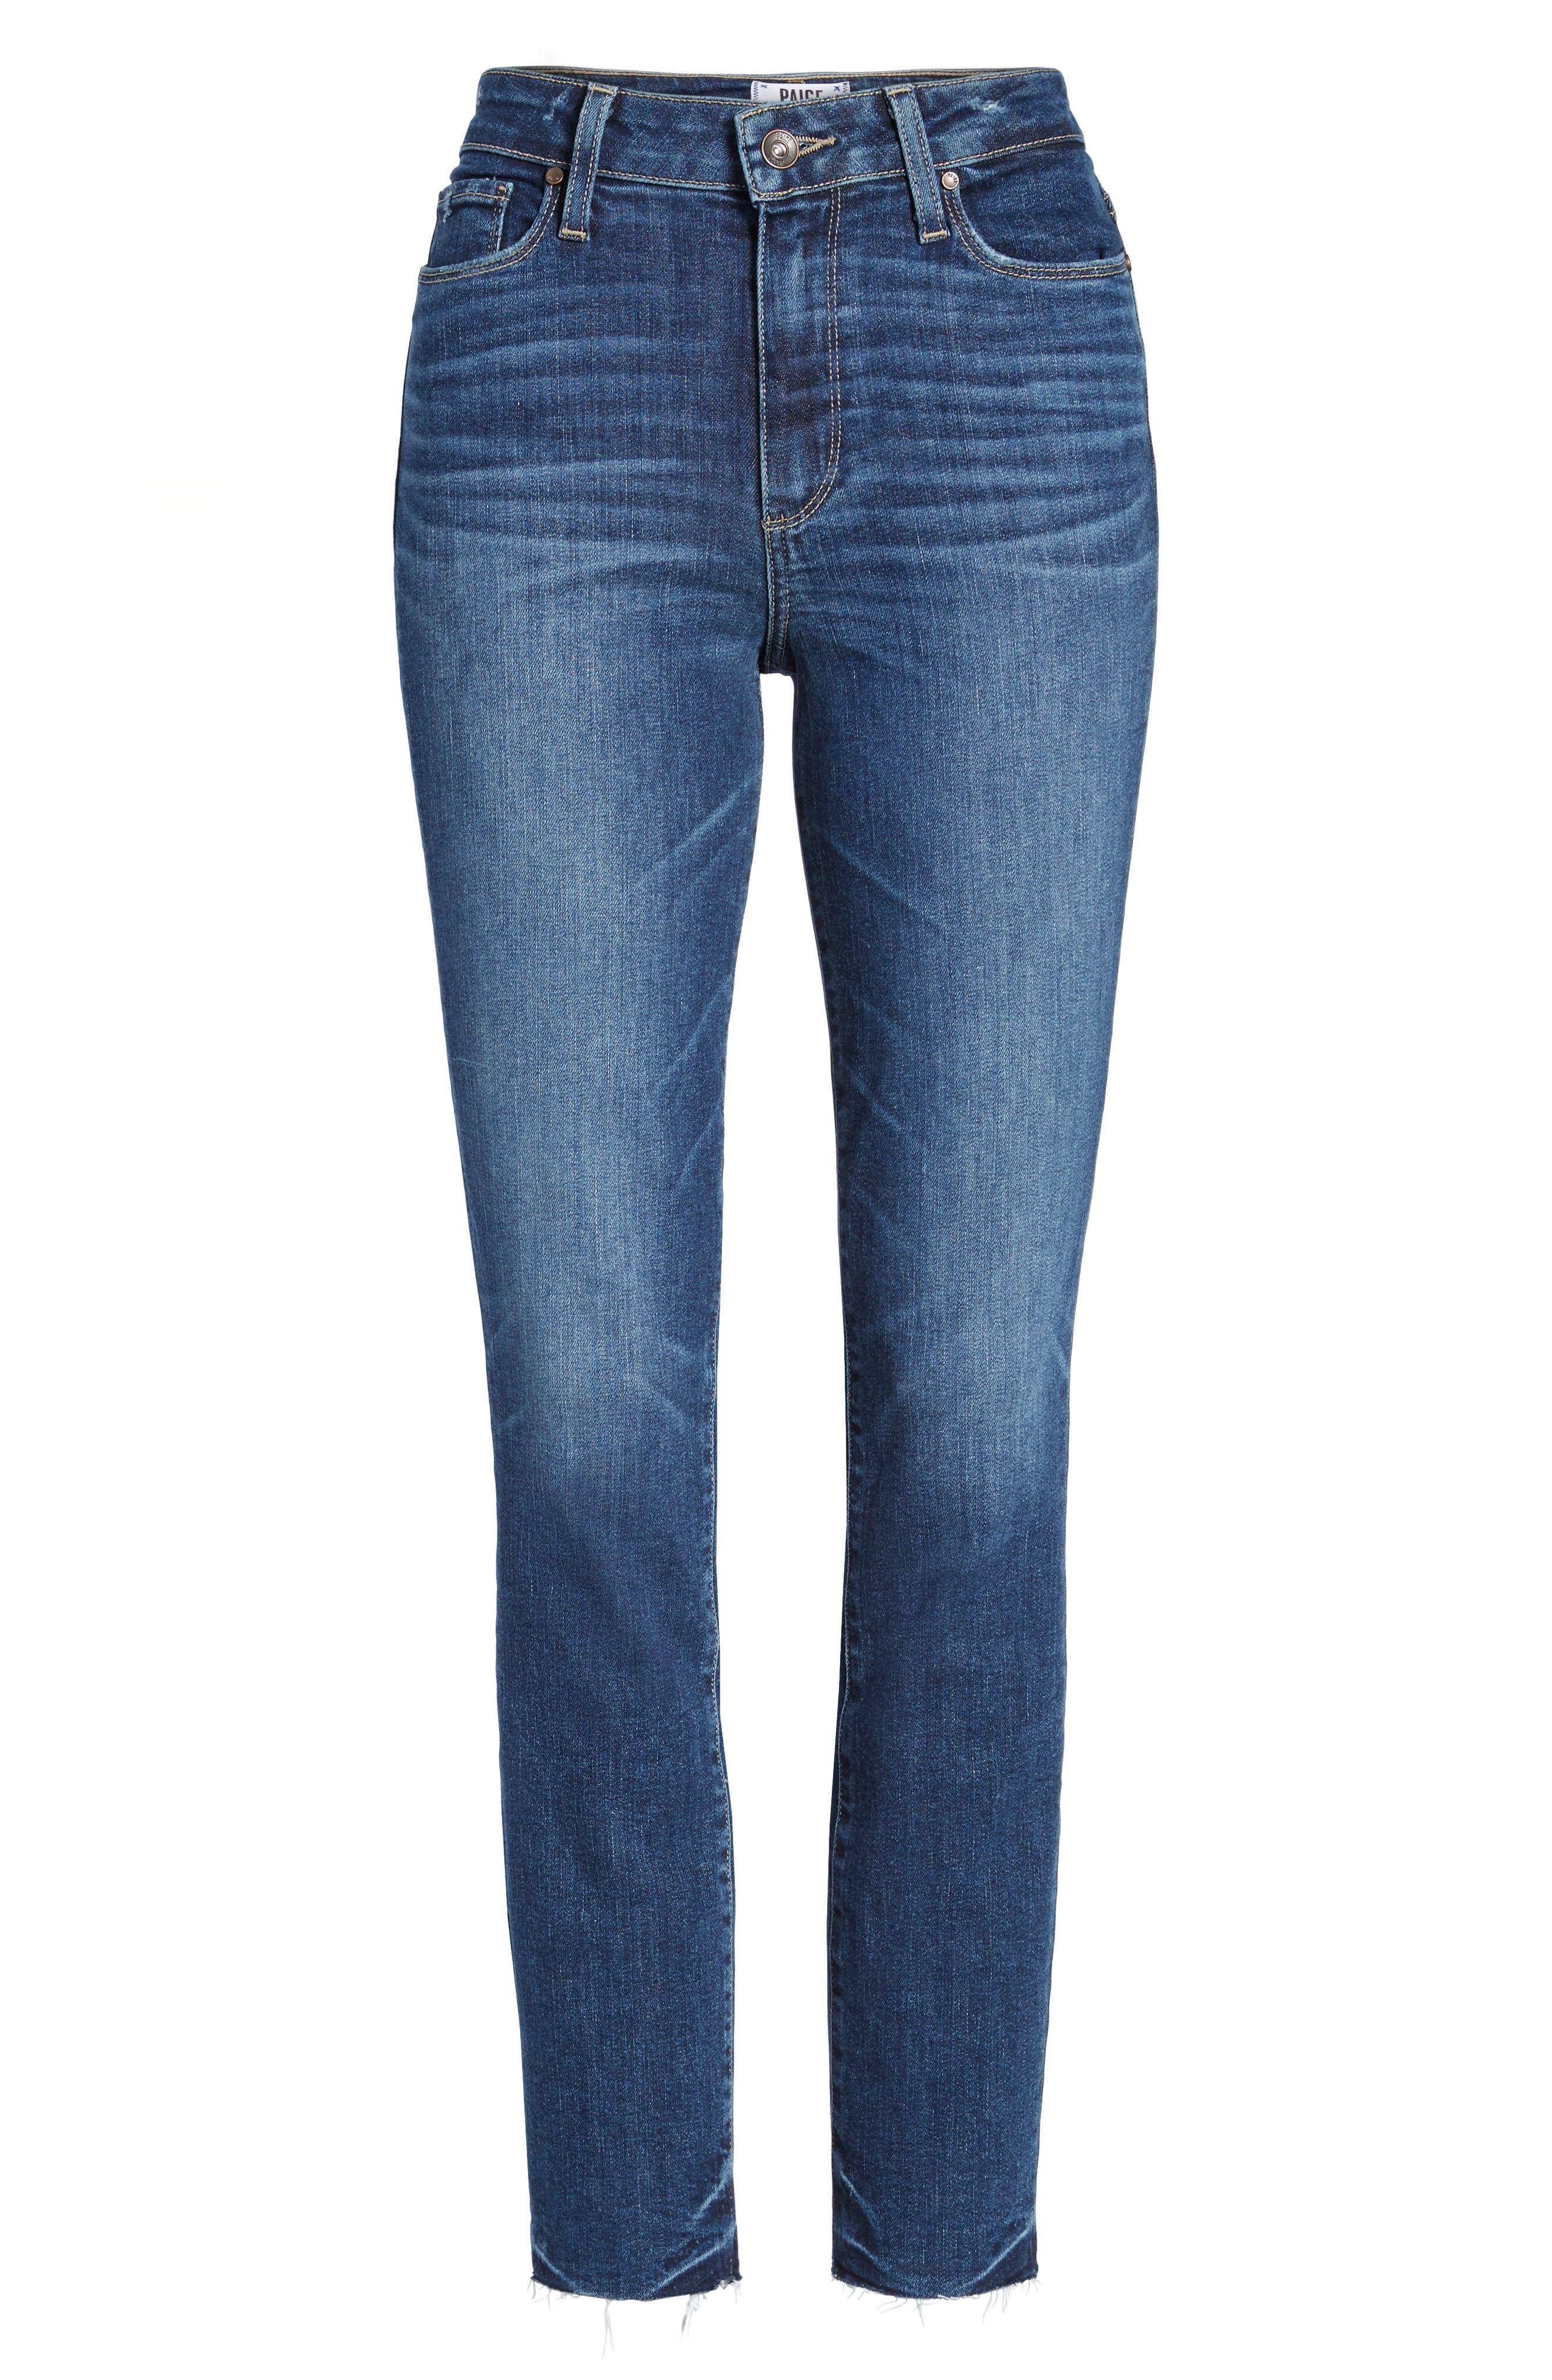 Transcend Vintage - Hoxton High Waist Ankle Peg Jeans,                             Alternate thumbnail 7, color,                             400